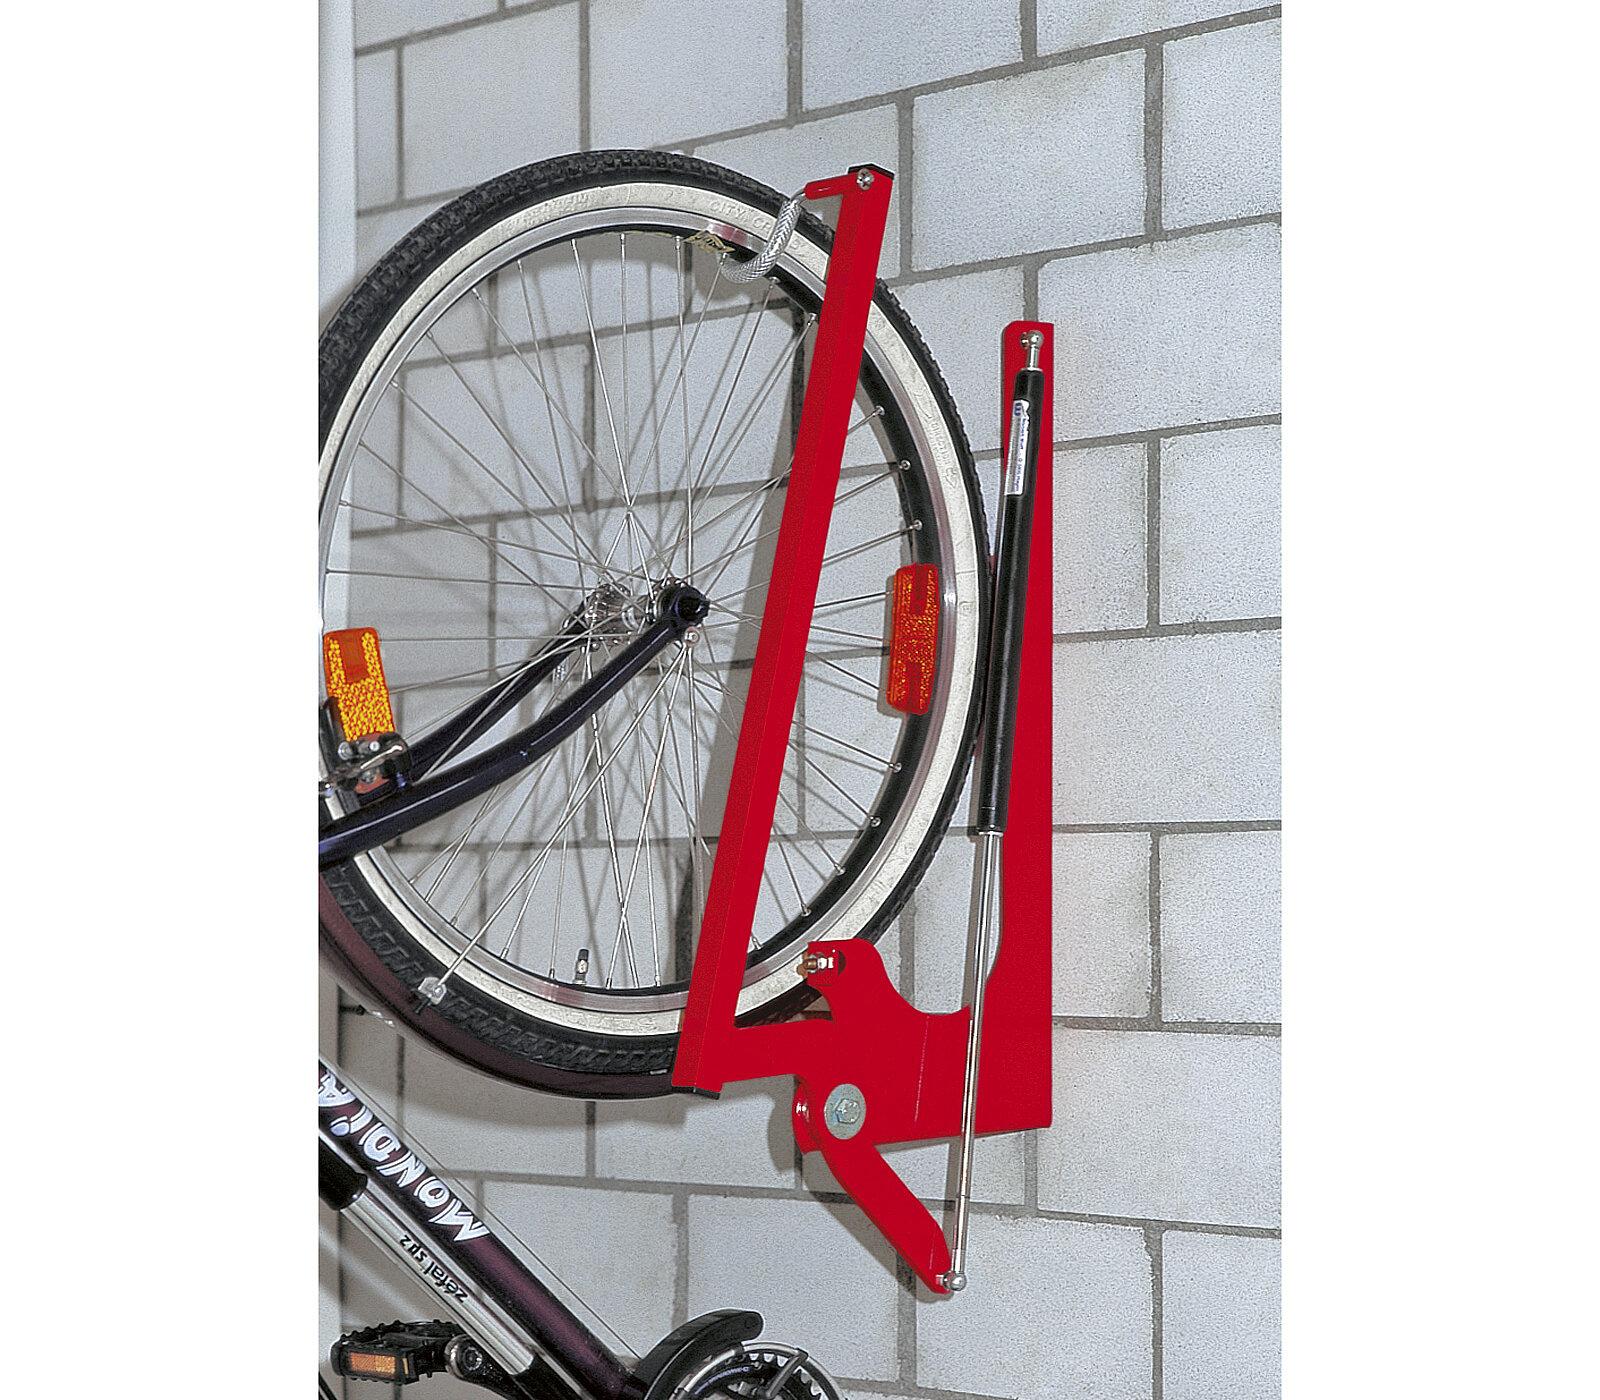 Fixation Pour Velo Garage système de stationnement de vélos | systèmes d'abri et de